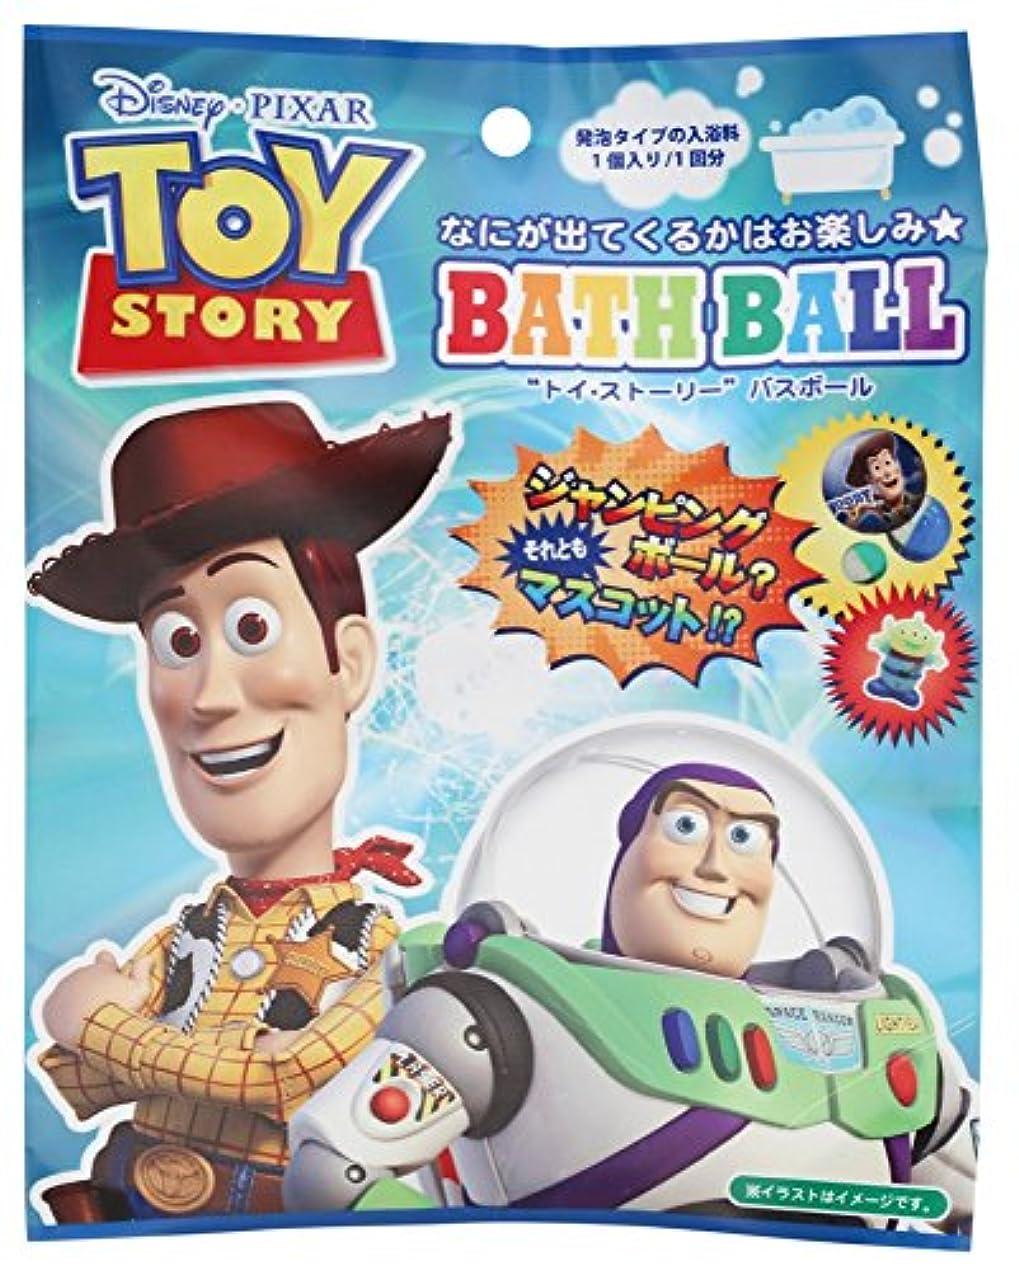 マイナーリール実業家ディズニー 入浴剤 トイストーリーバスボール おまけ付き DIP-80-01